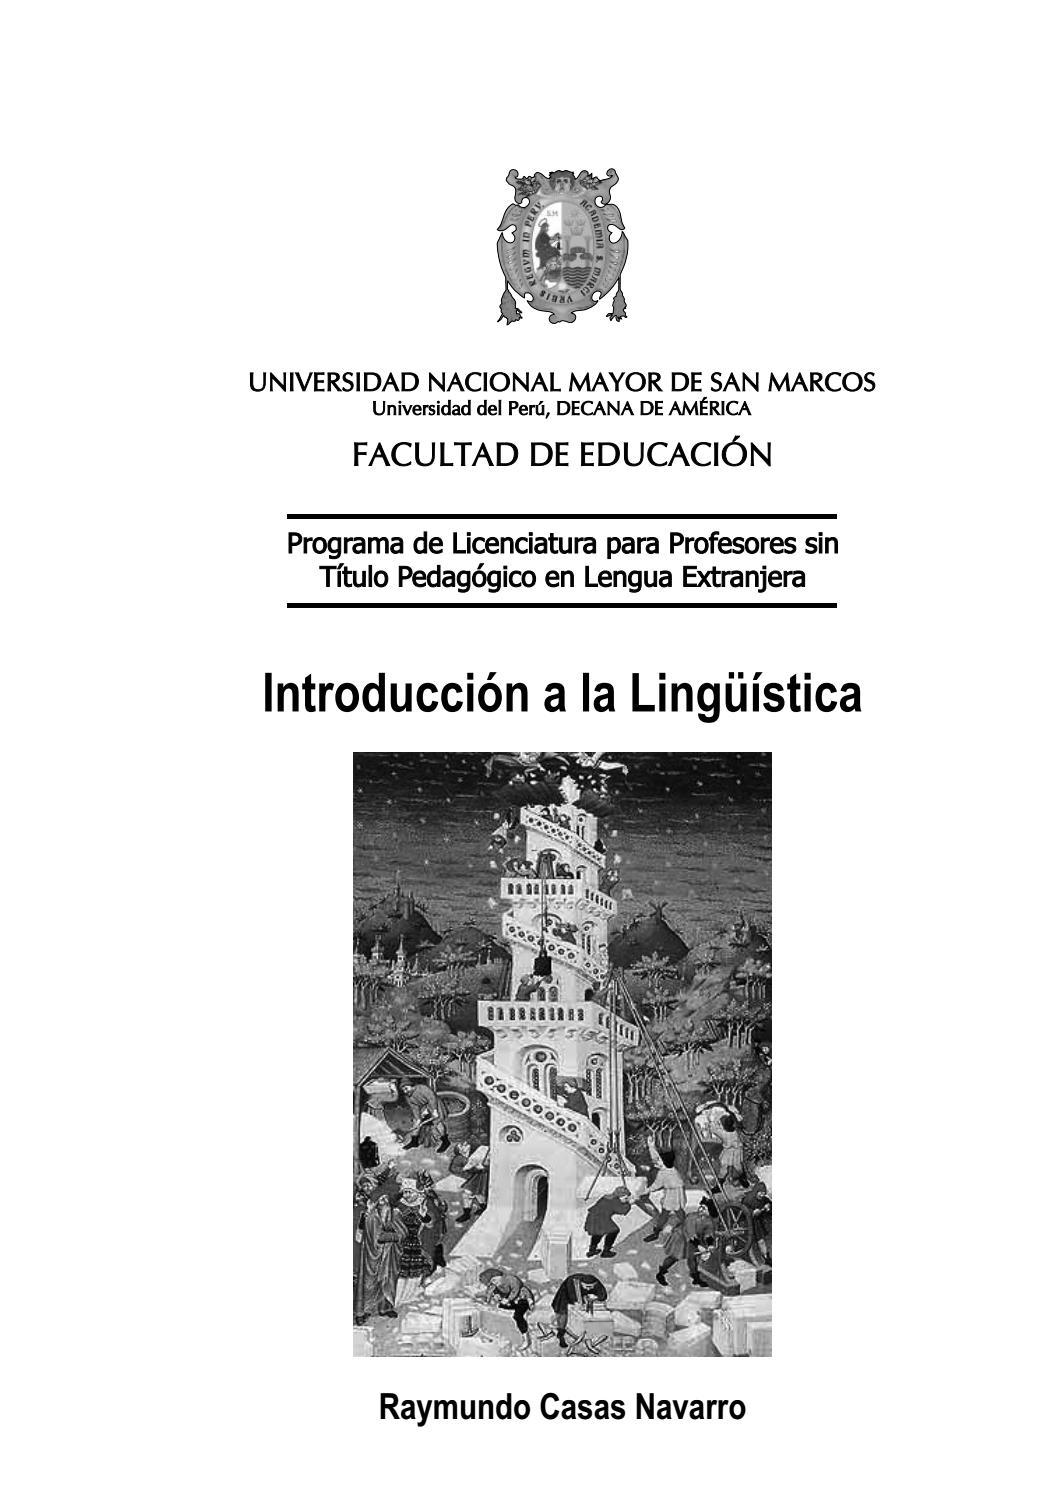 Introducción a la Lingüística by UNMSM-PROLEX - issuu